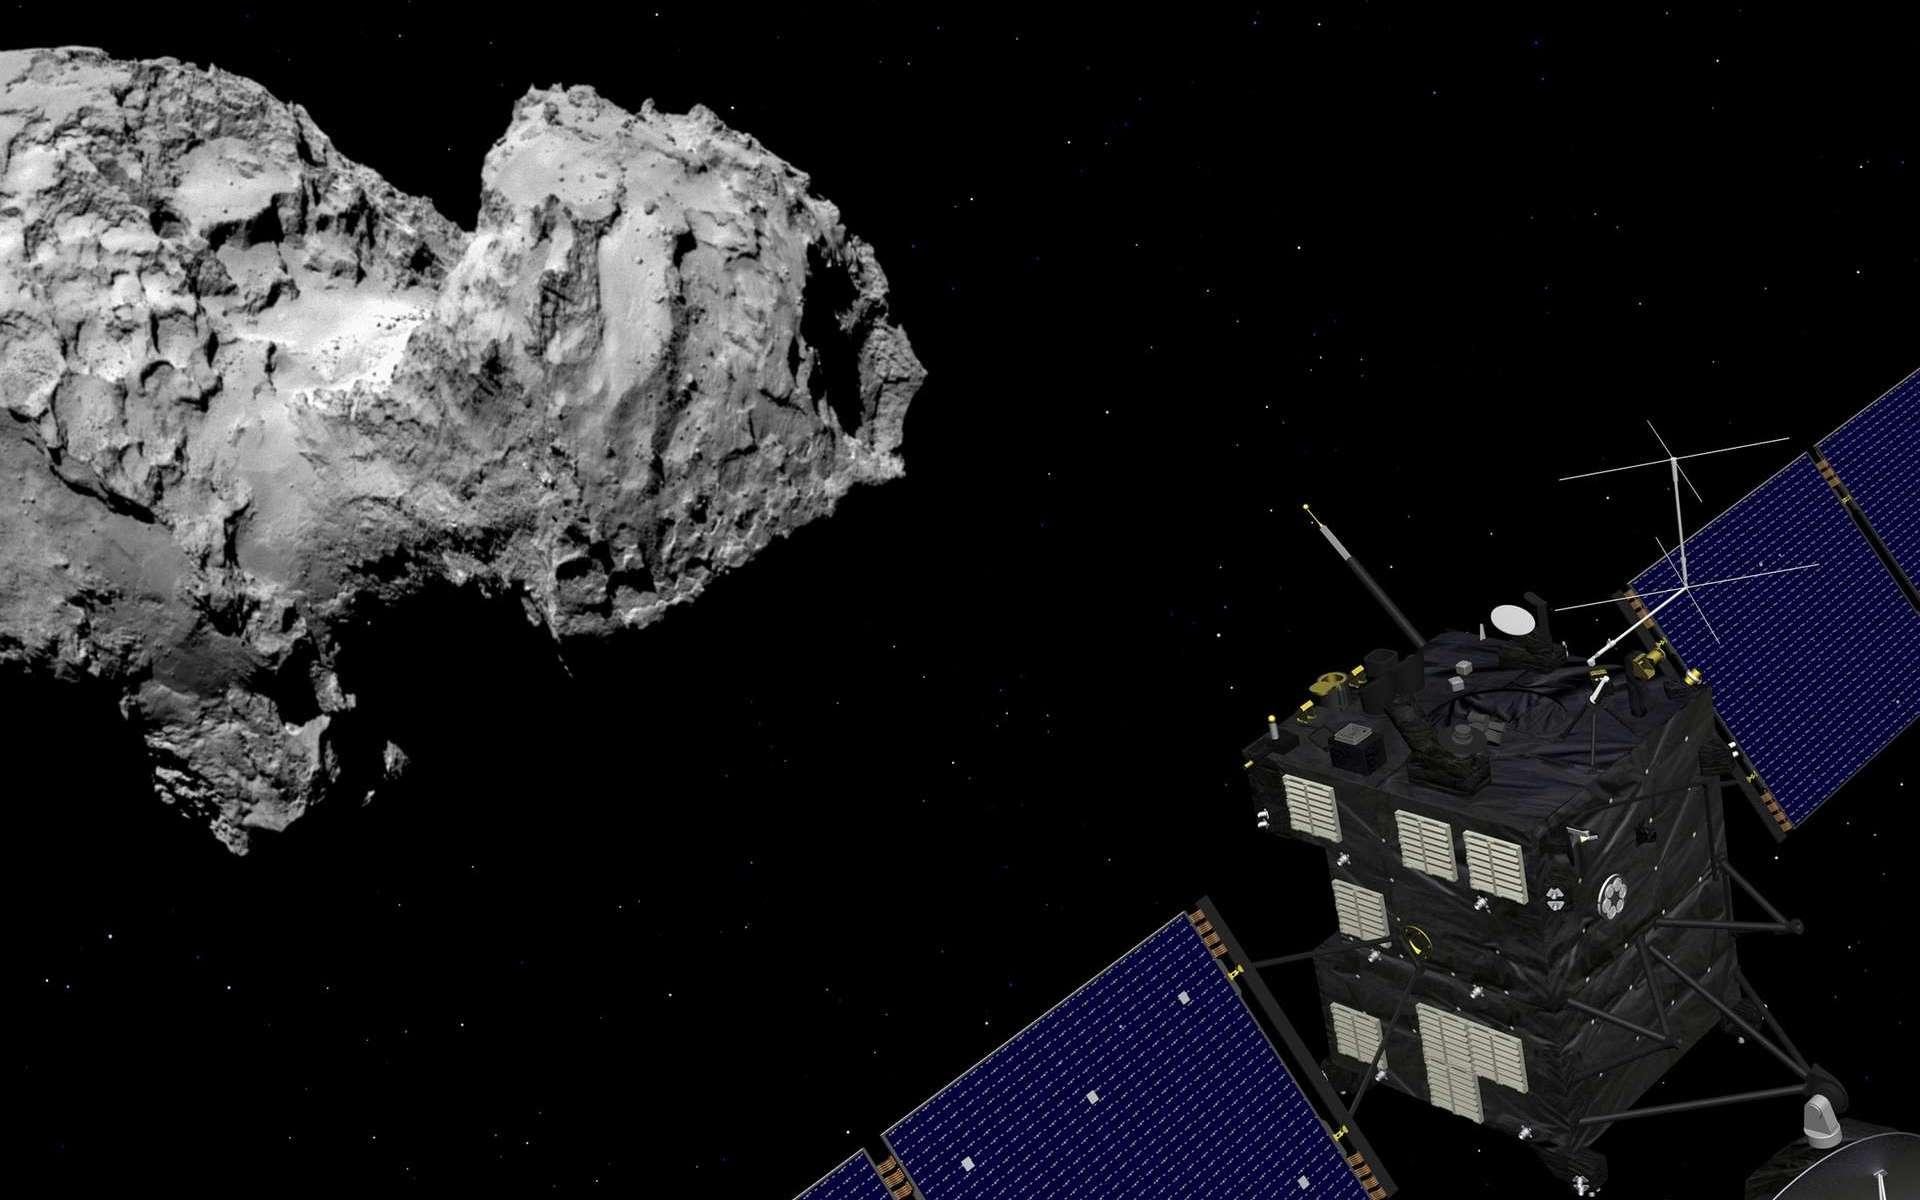 De la glace carbonique a été détectée sur une comète pour la première fois. Ici, une vue d'artiste de Rosetta en orbite autour de Tchouri. © ESA